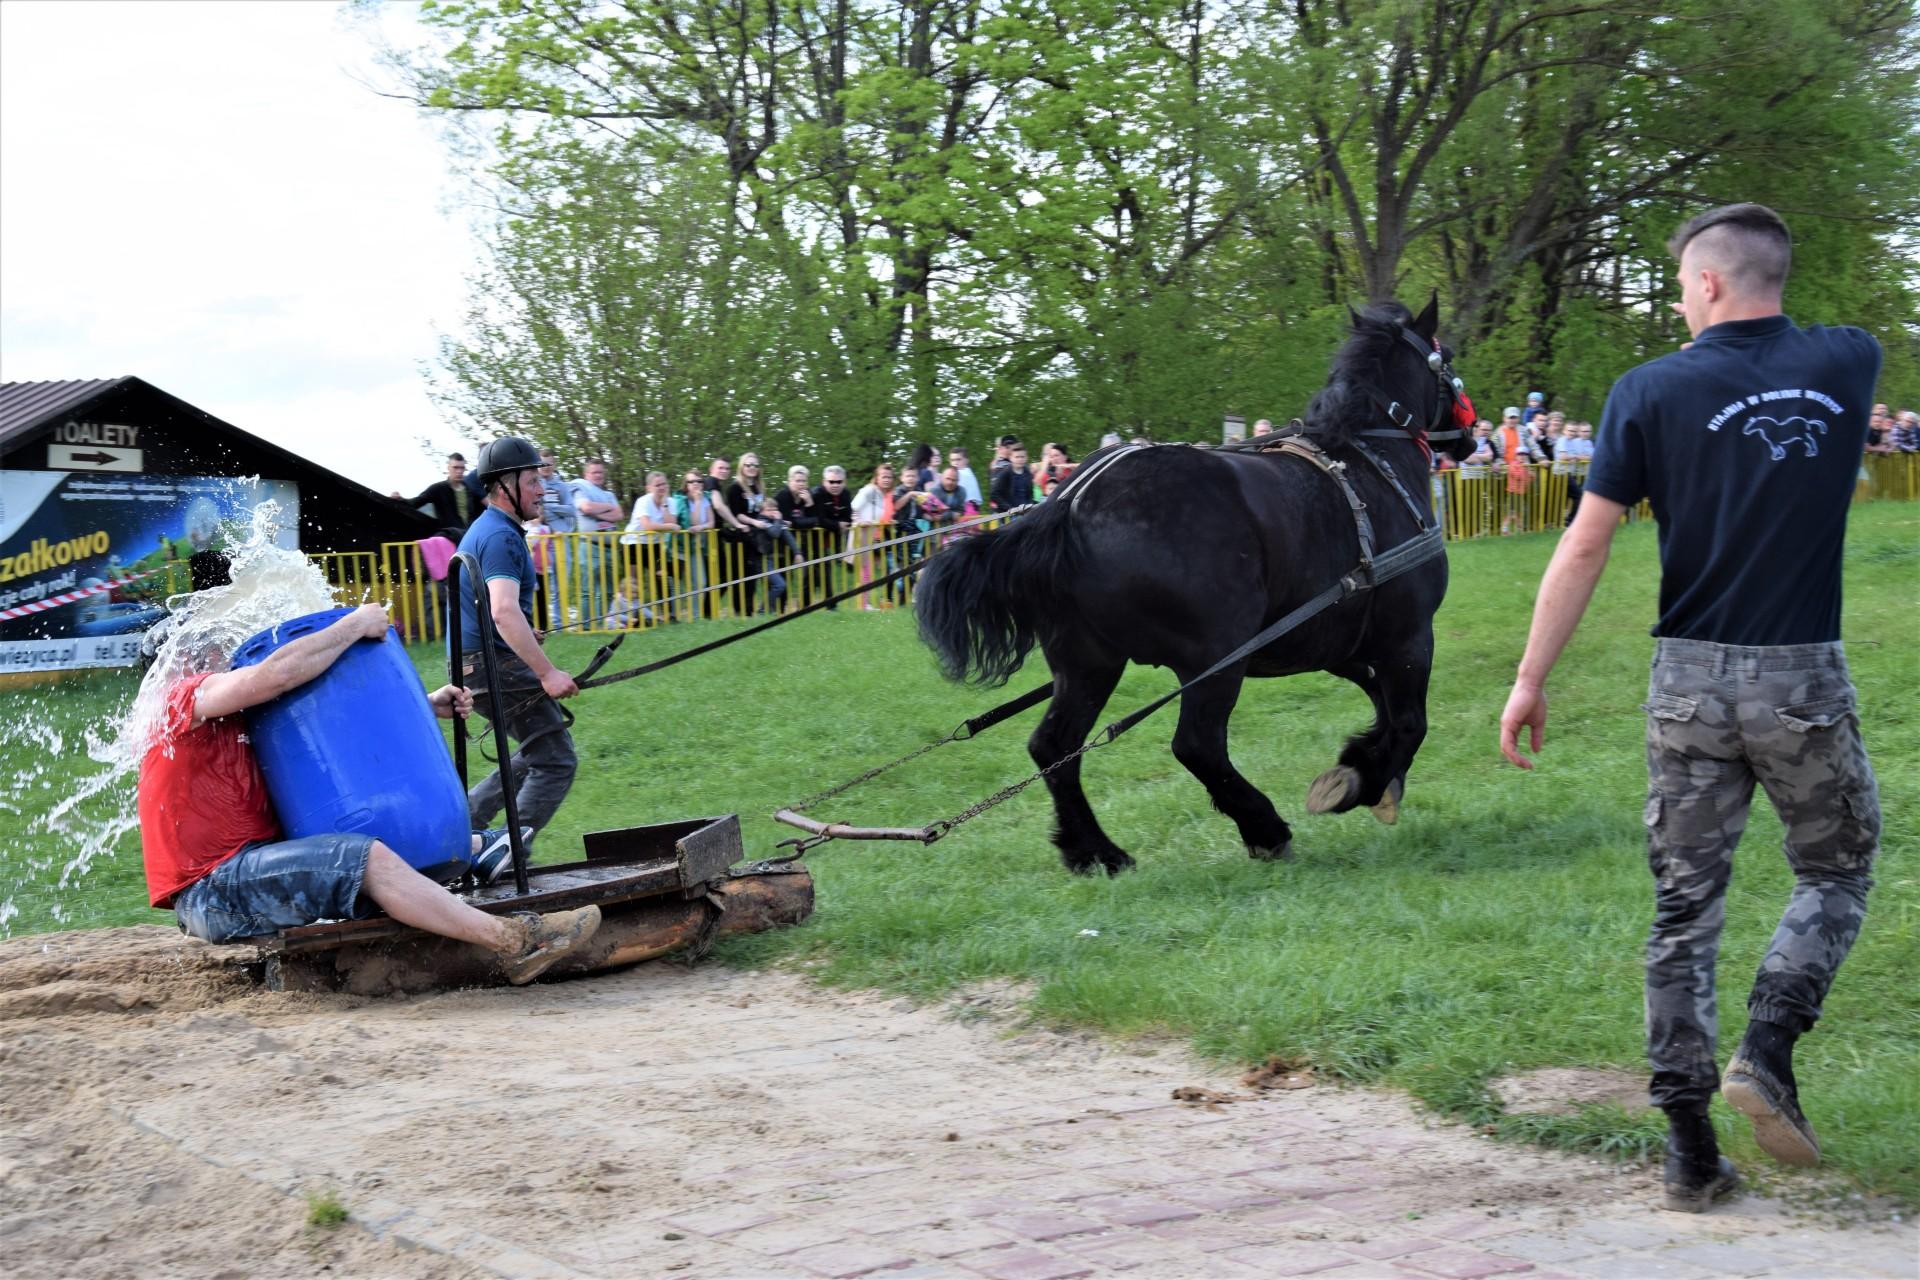 Konie, Kaszuby, Wiśta wio! Zawody w Ostrzycach [FOTOREPORTAŻ] 20